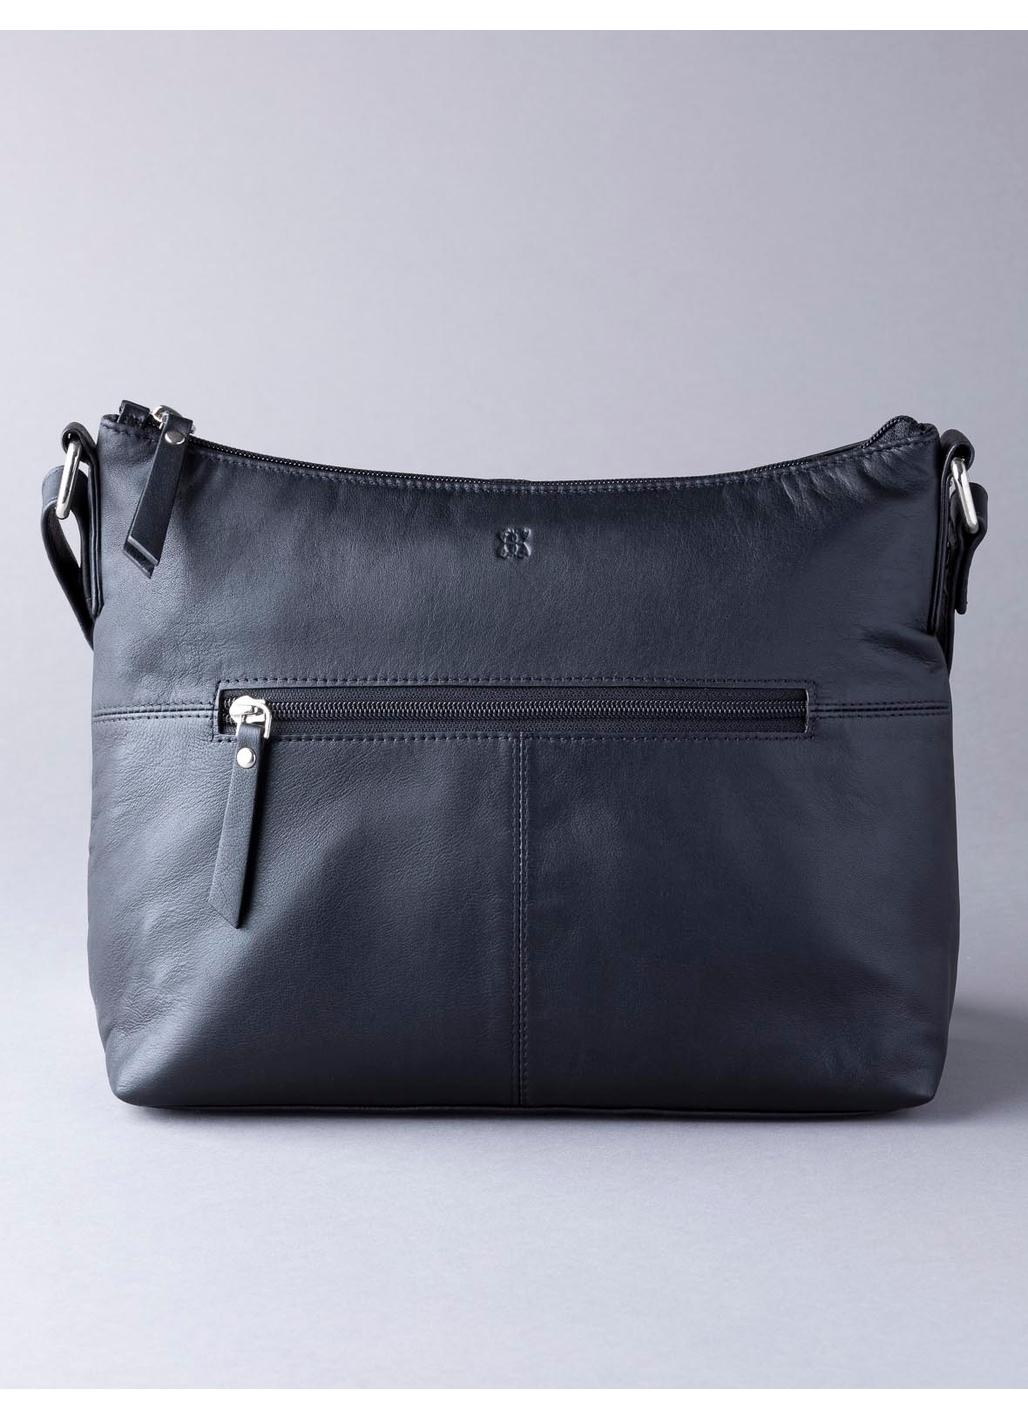 Tally Leather Shoulder Bag in Black